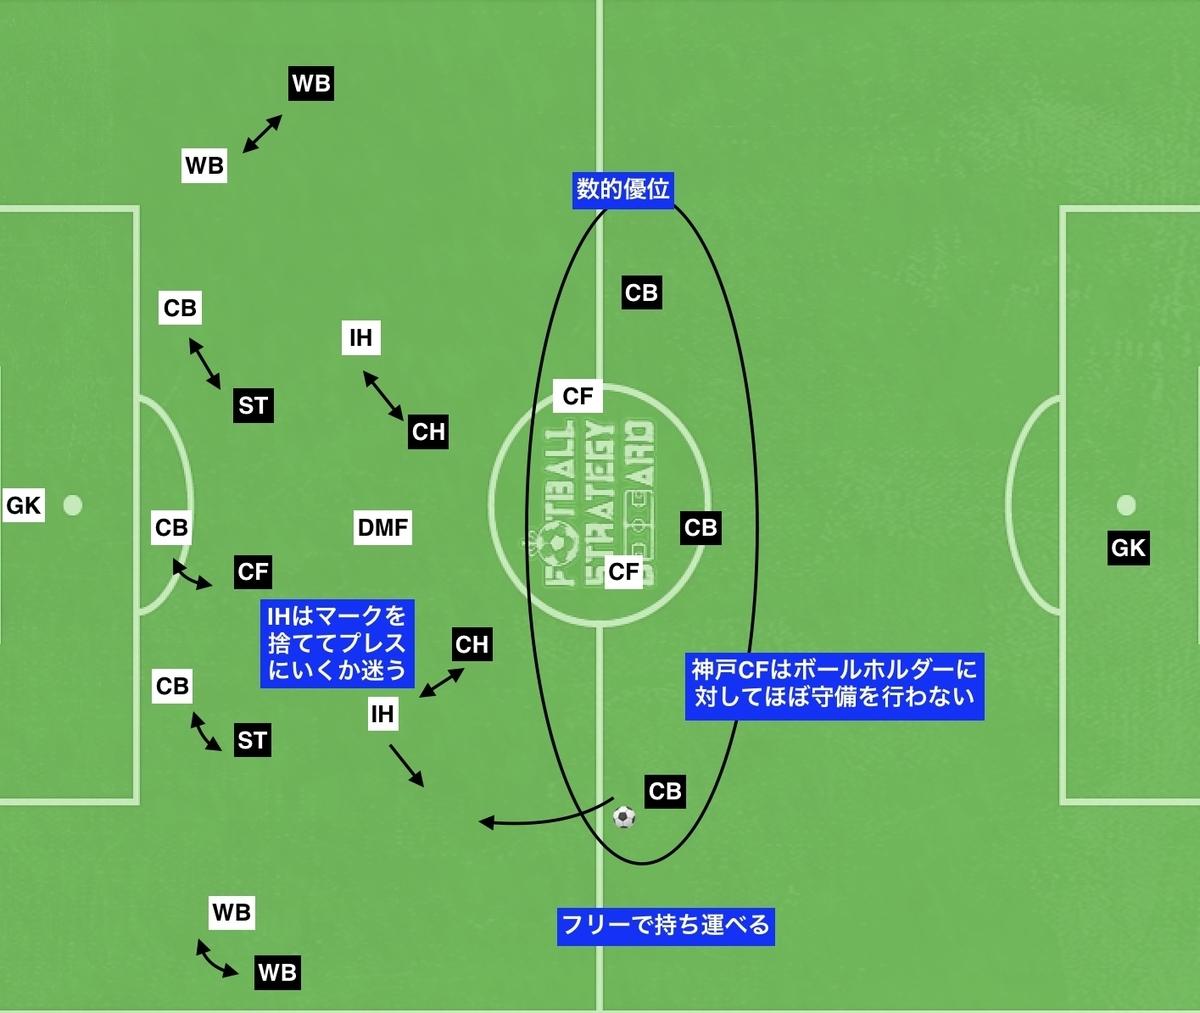 f:id:football-analyst:20191006145412j:plain